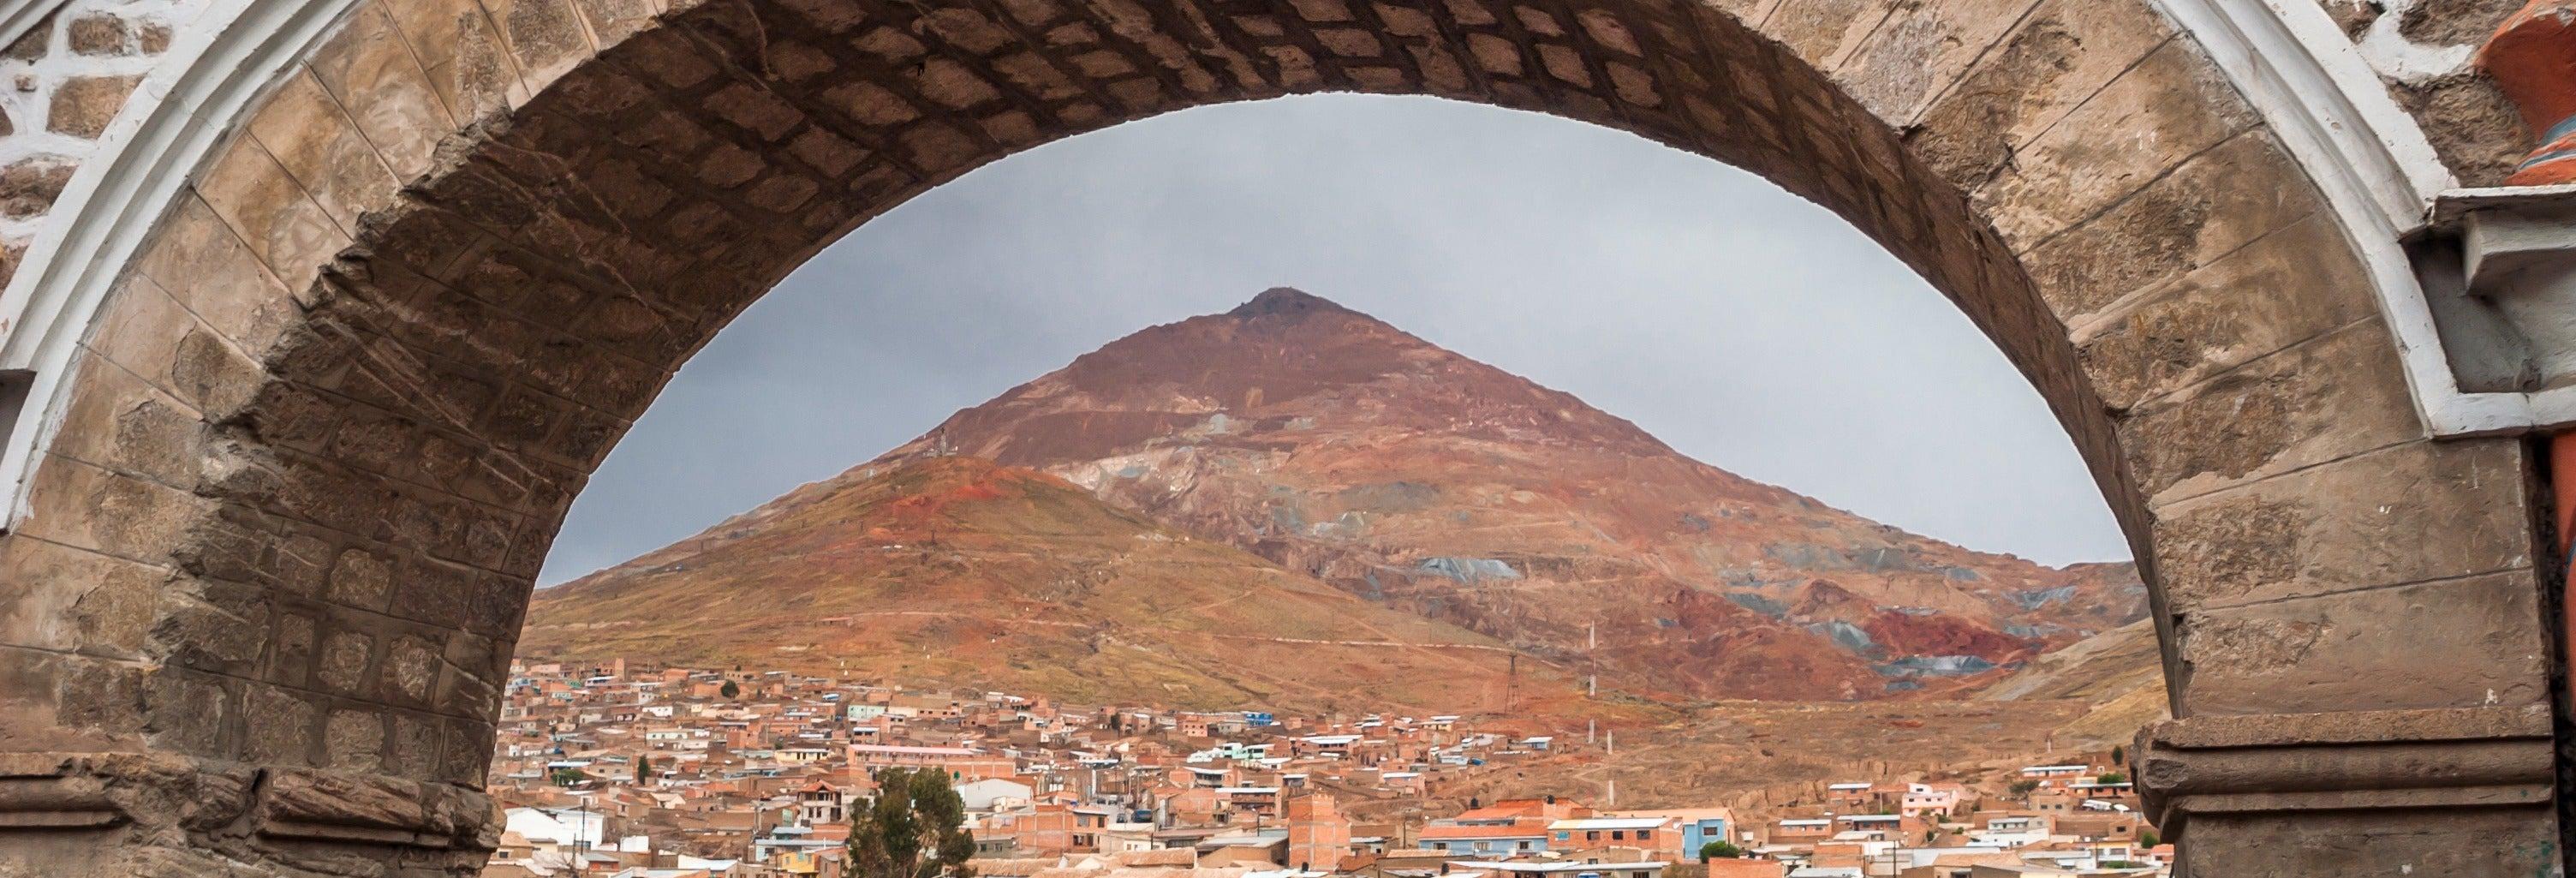 Visita guiada por Potosí